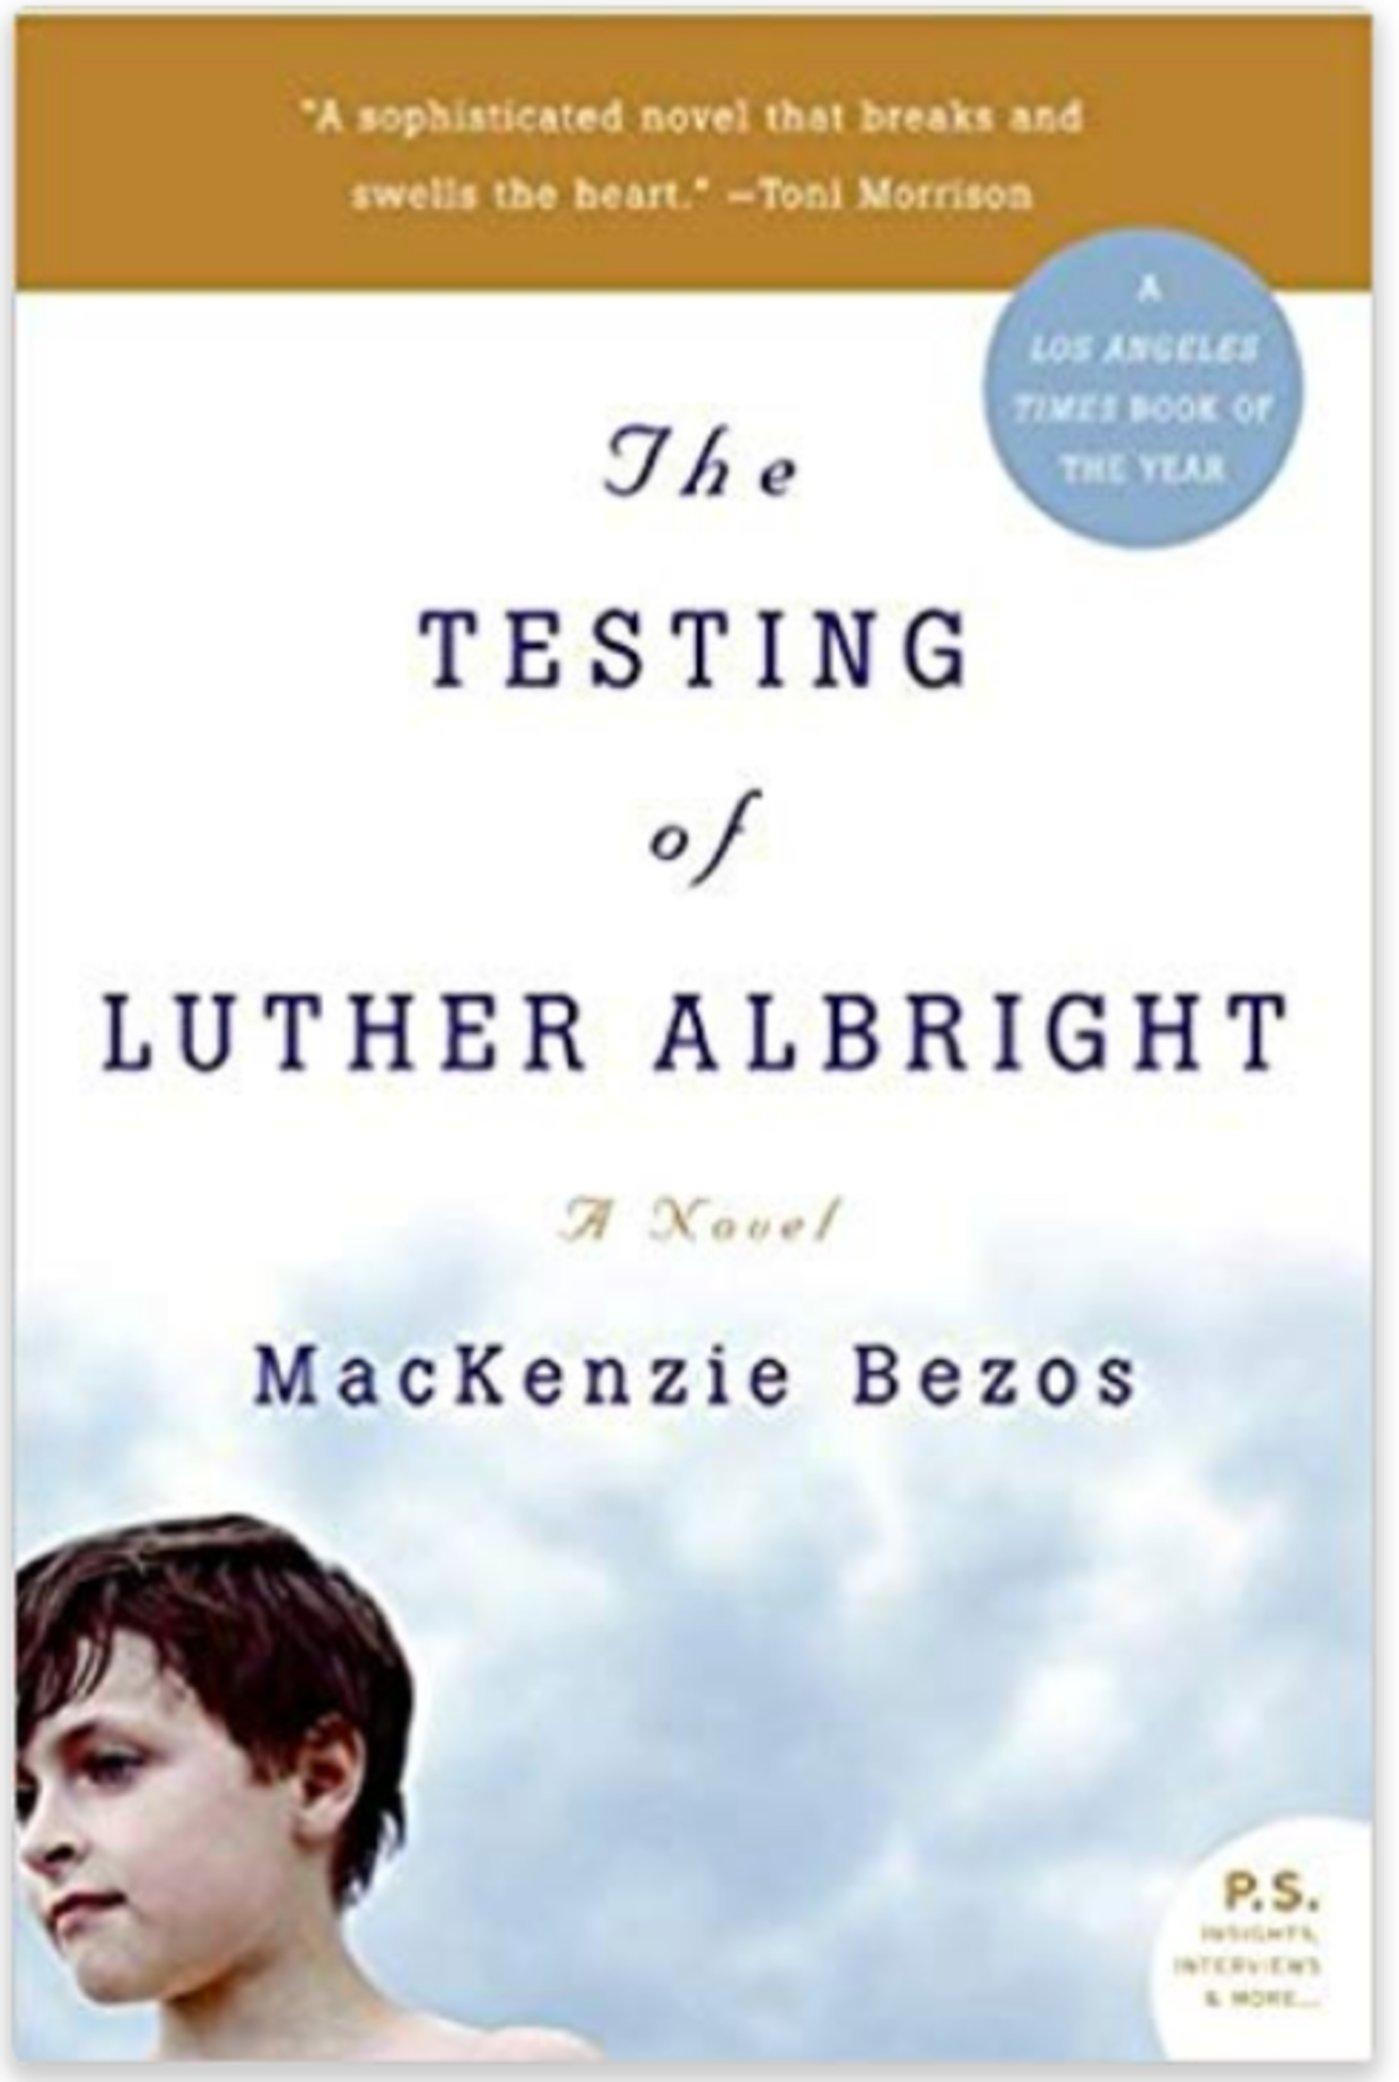 《卢瑟.奥布莱特的测试》封面